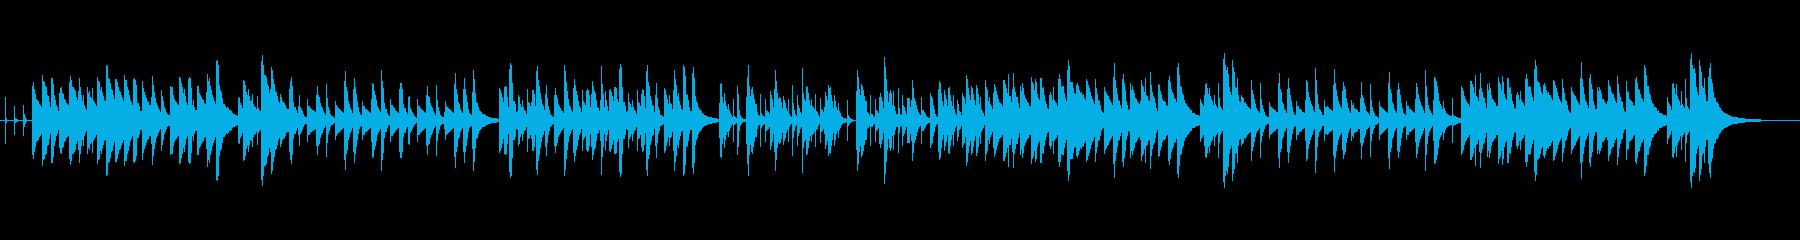 しっとりと優しいオルゴール風メロディーの再生済みの波形